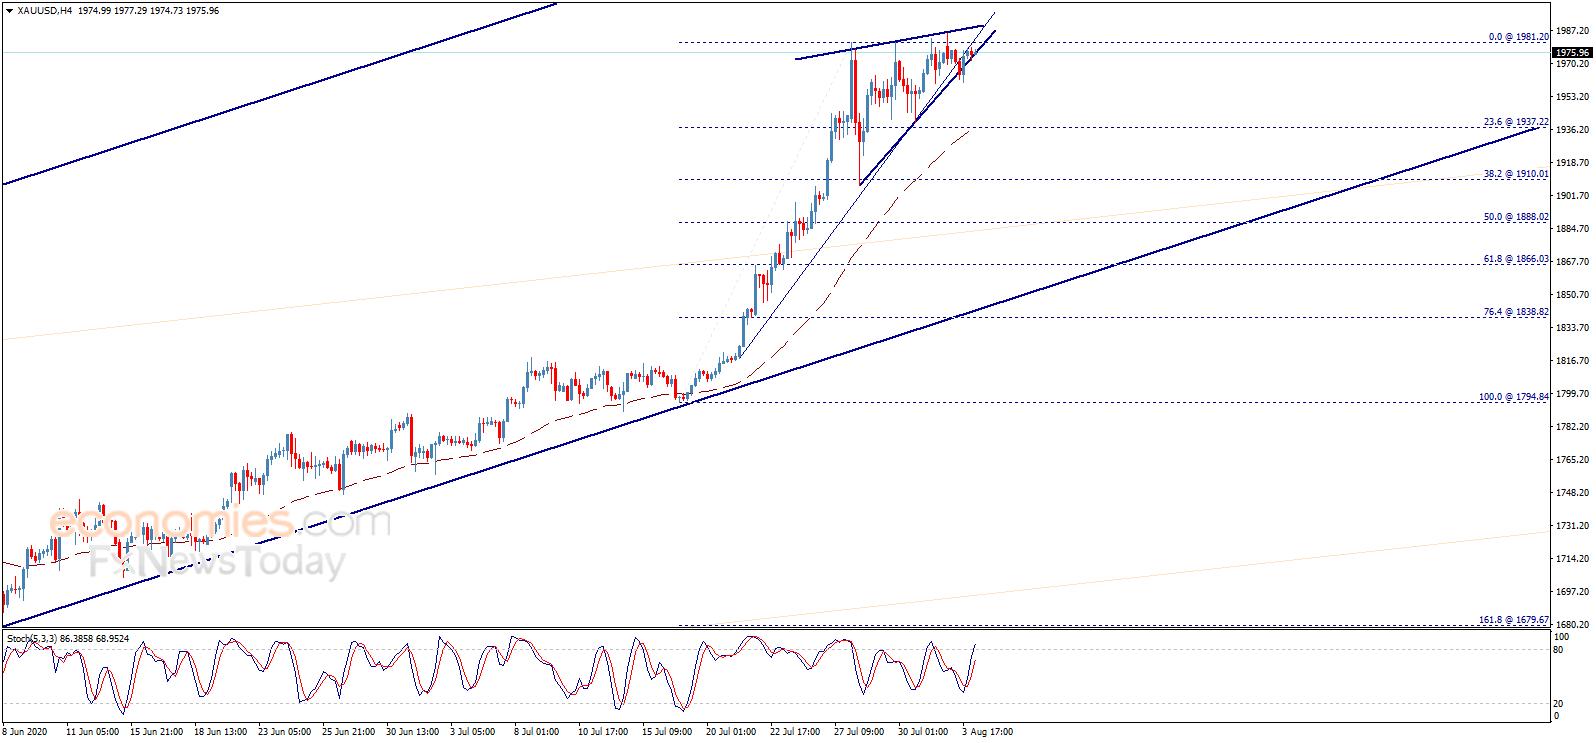 黄金日内交易分析:一旦突破这一阻力 金价恐还有大涨空间